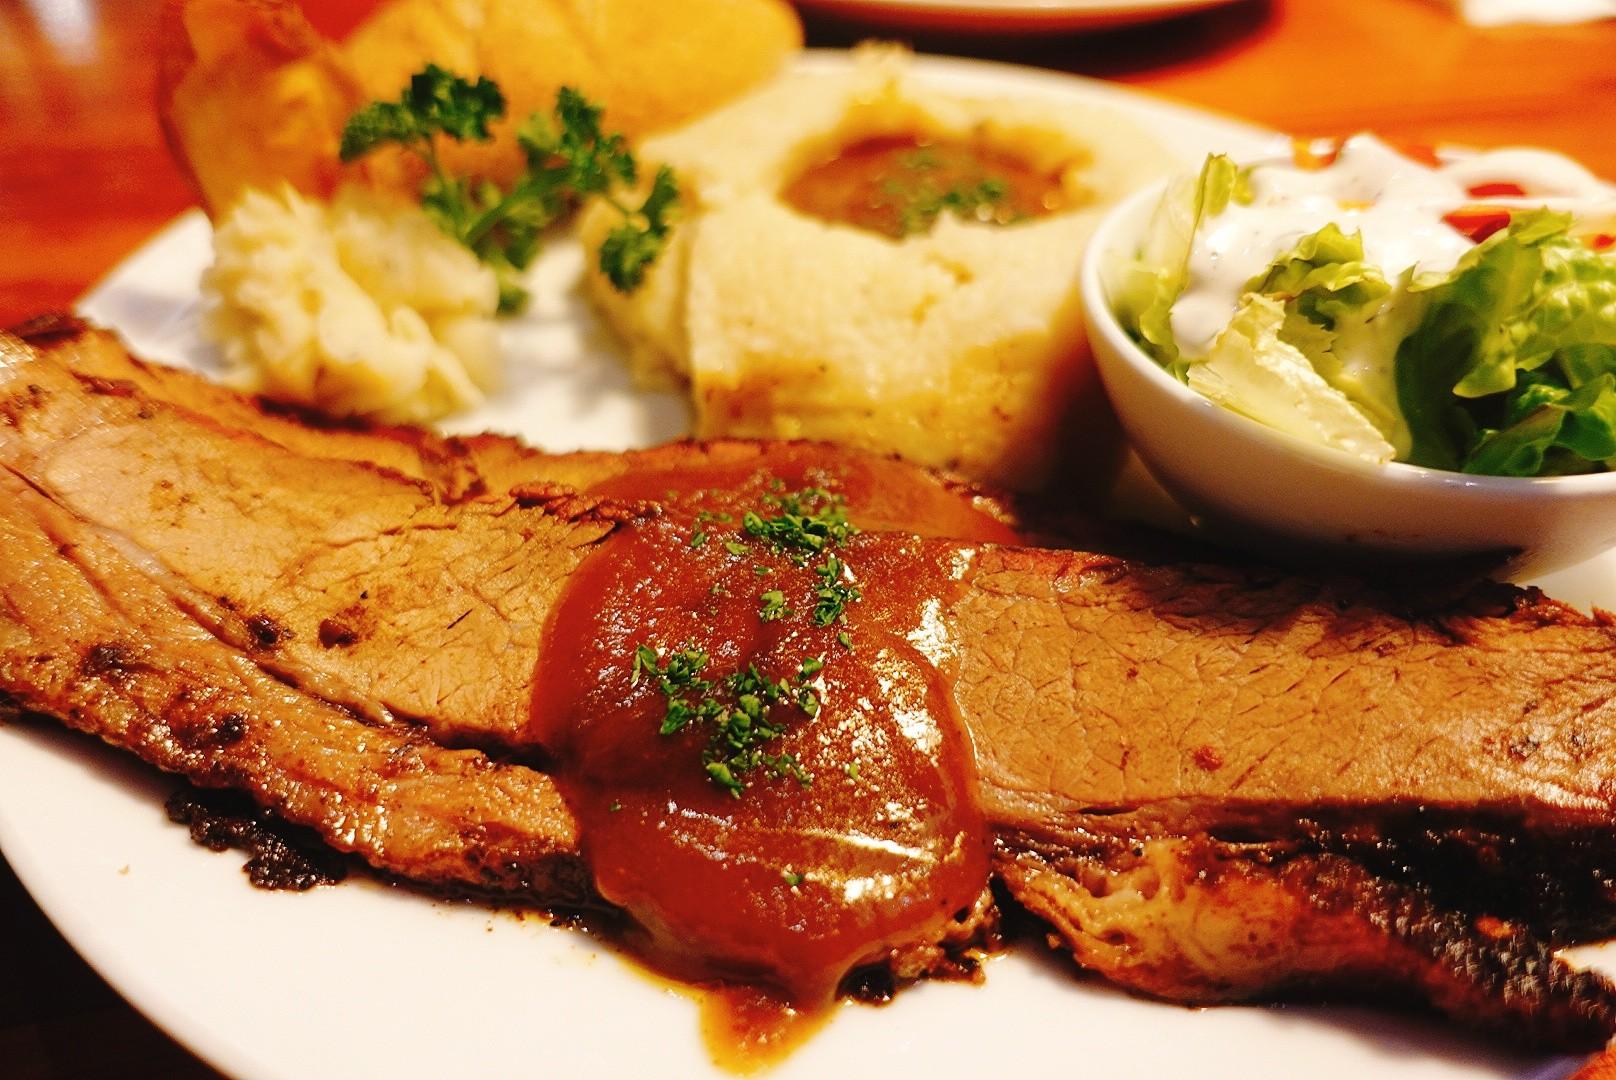 【花蓮市區】火車頭烤肉屋 道地大份量美式料理,軟嫩牛胸肉不可不吃